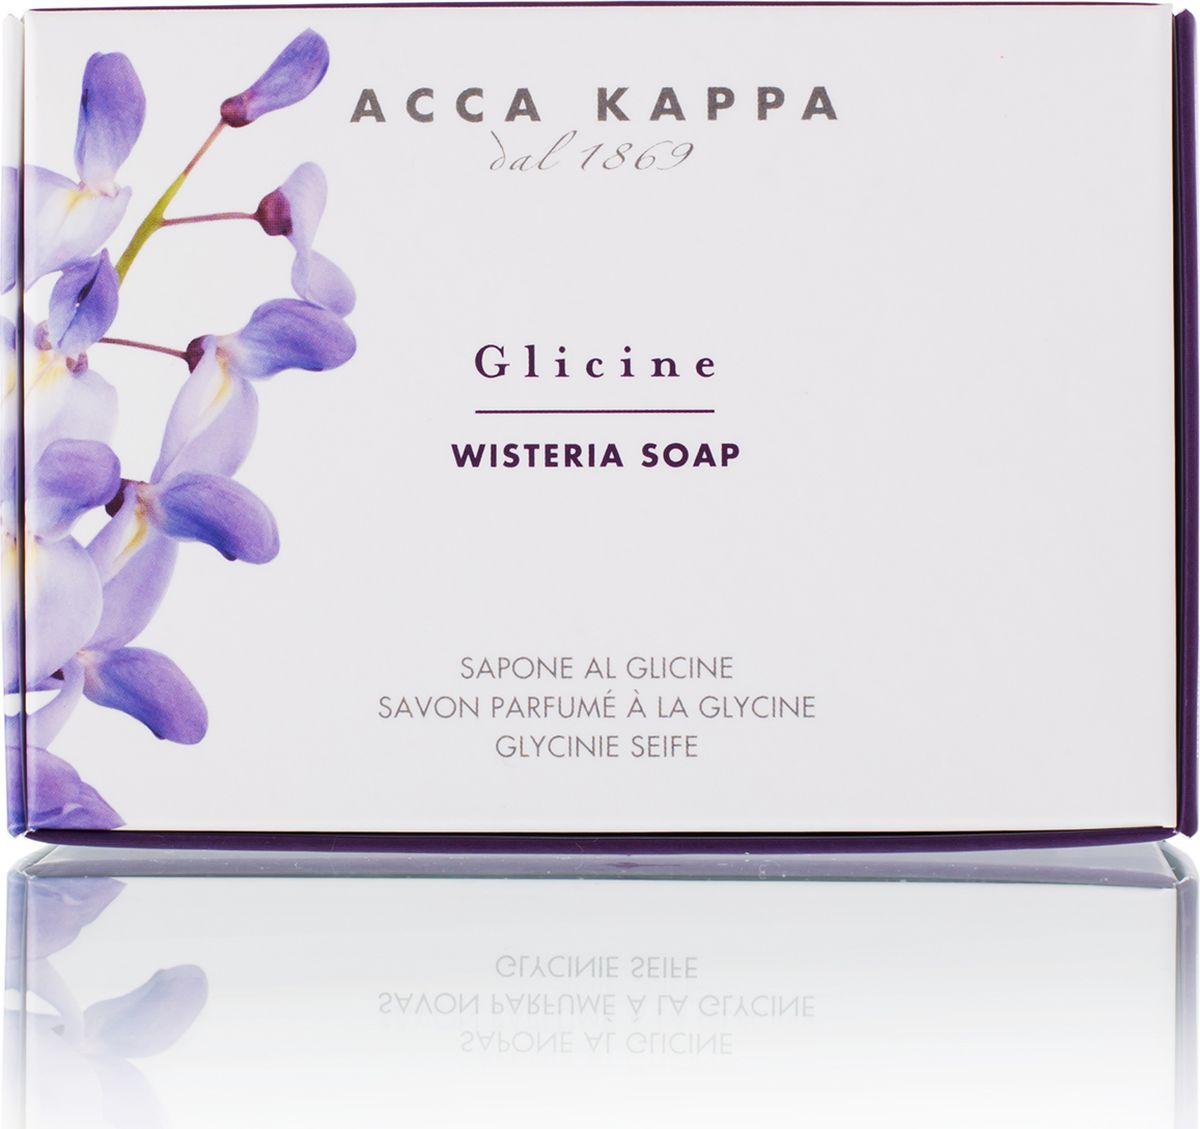 Растительное мыло Acca Kappa Глициния, 150 гCF5512F4Растительное мыло Глициния деликатно очищает кожу. Идеально подходит для всех типов кожи. Растительные компоненты получены из кокосового масла и сахарного тростника, прекрасно очищают и увлажняют кожу. Экстракты мелиссы лимонной, омелы, ромашки, тысячелистника и хмеля известны своими противовоспалительными свойствами и превосходно дополняют формулу. Так же мыло обогащено аллантоином растительного происхождения, которое обладает заживляющими свойствами и способствует регенерации клеток. Характеристики:Вес: 150 г. Производитель: Италия. Товар сертифицирован.